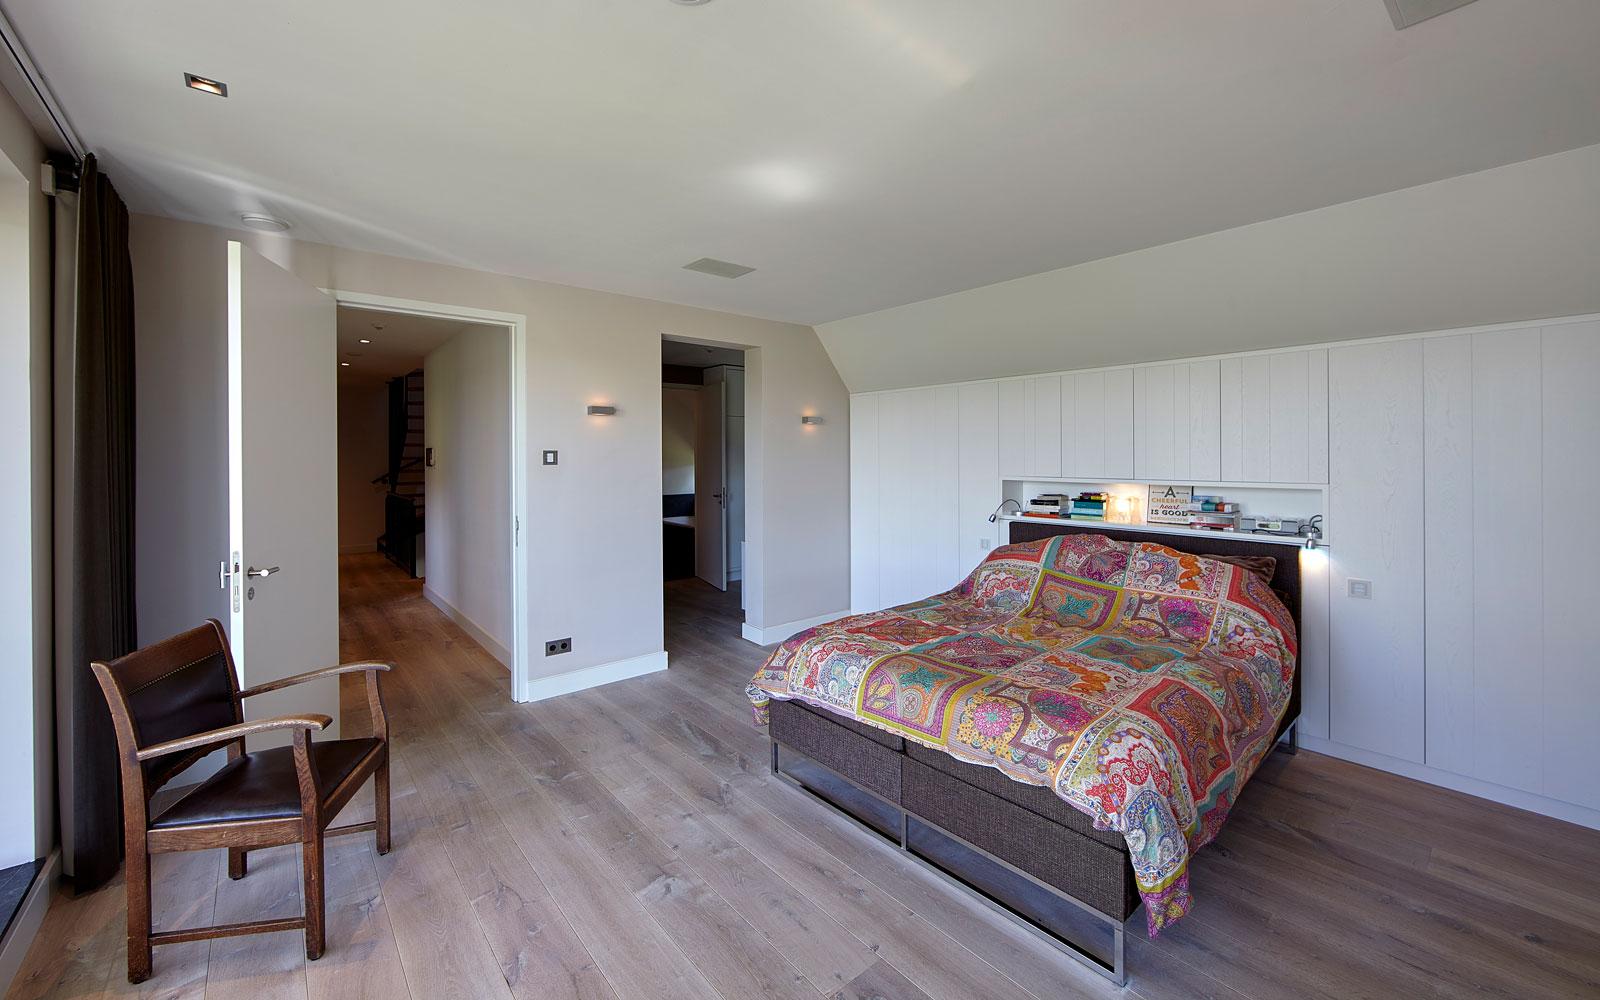 Slaapkamer, bedroom, bed, houten vloer, aangrenzende badkamer, landelijk, industrieel, Wolfs Architecten